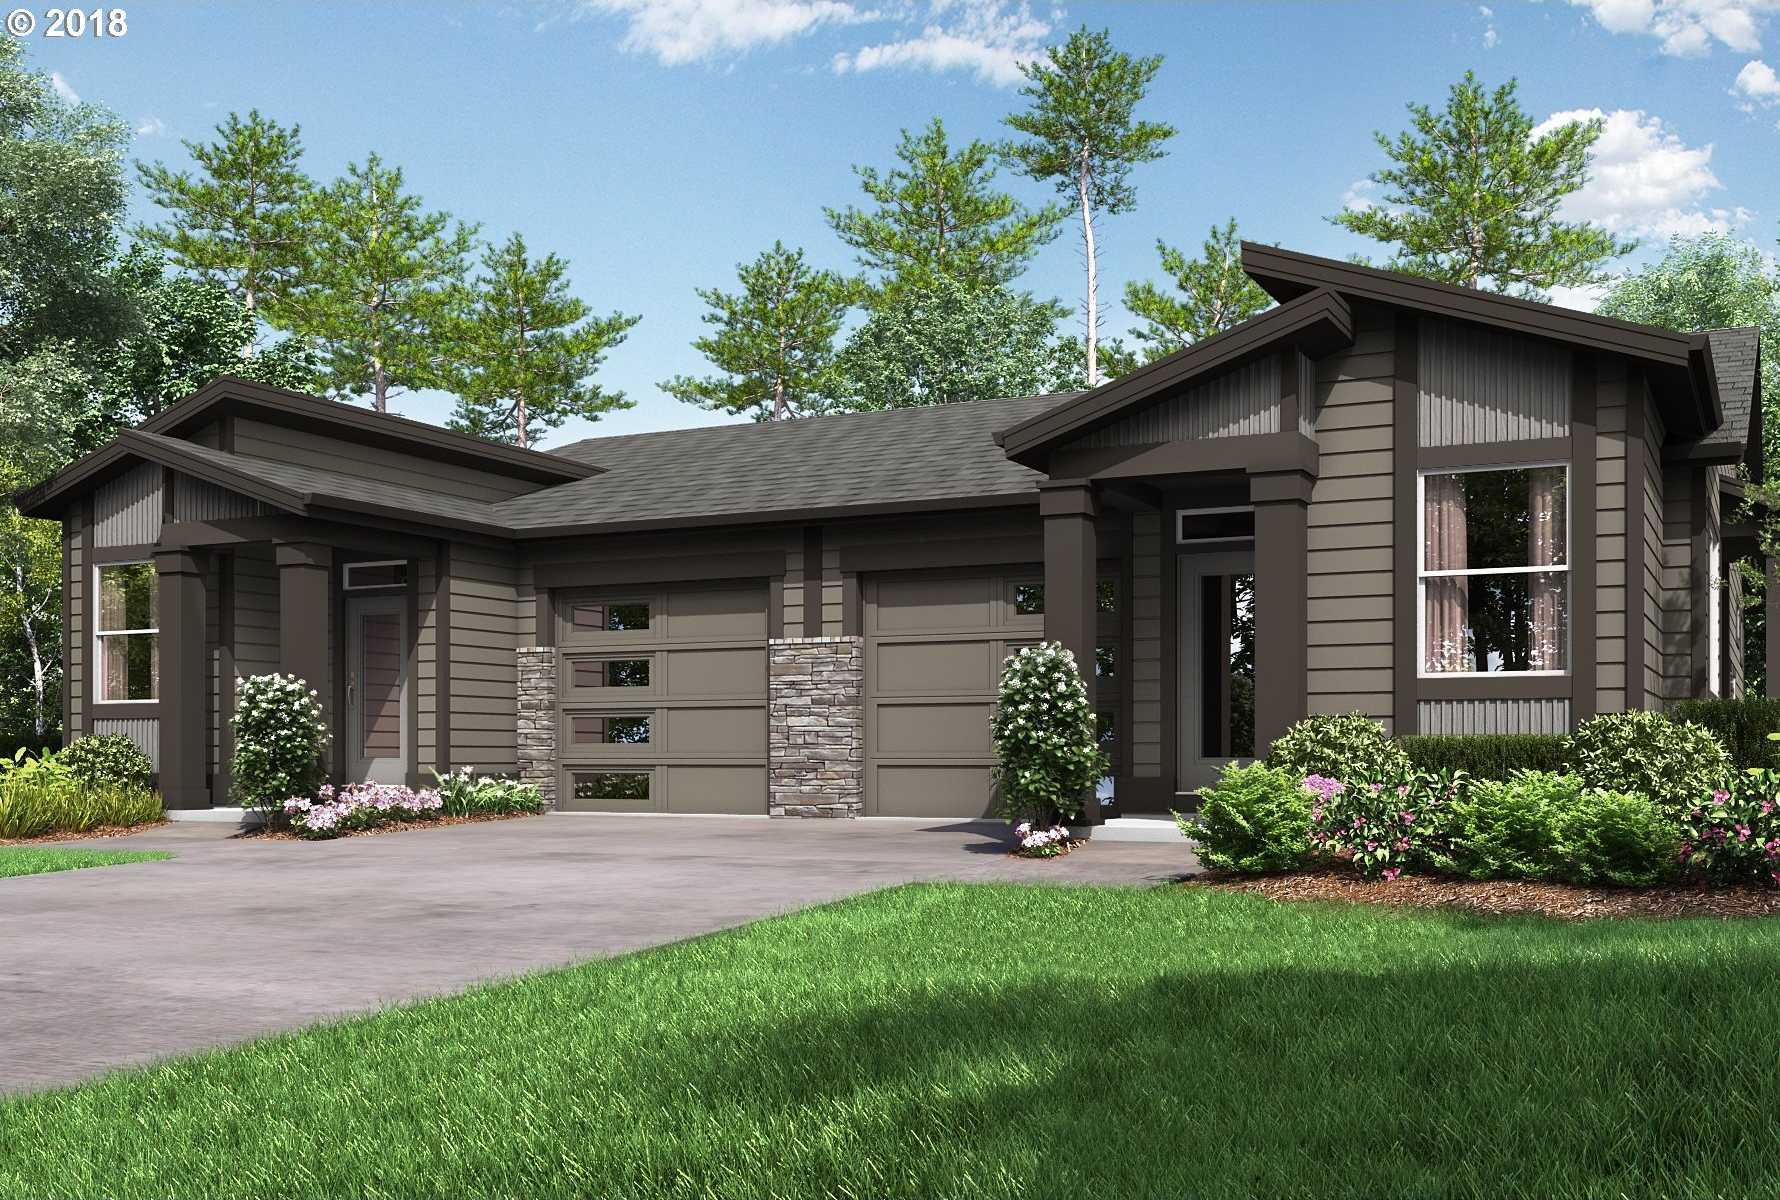 $391,400 - 2Br/2Ba -  for Sale in Rosedale Parks, Hillsboro